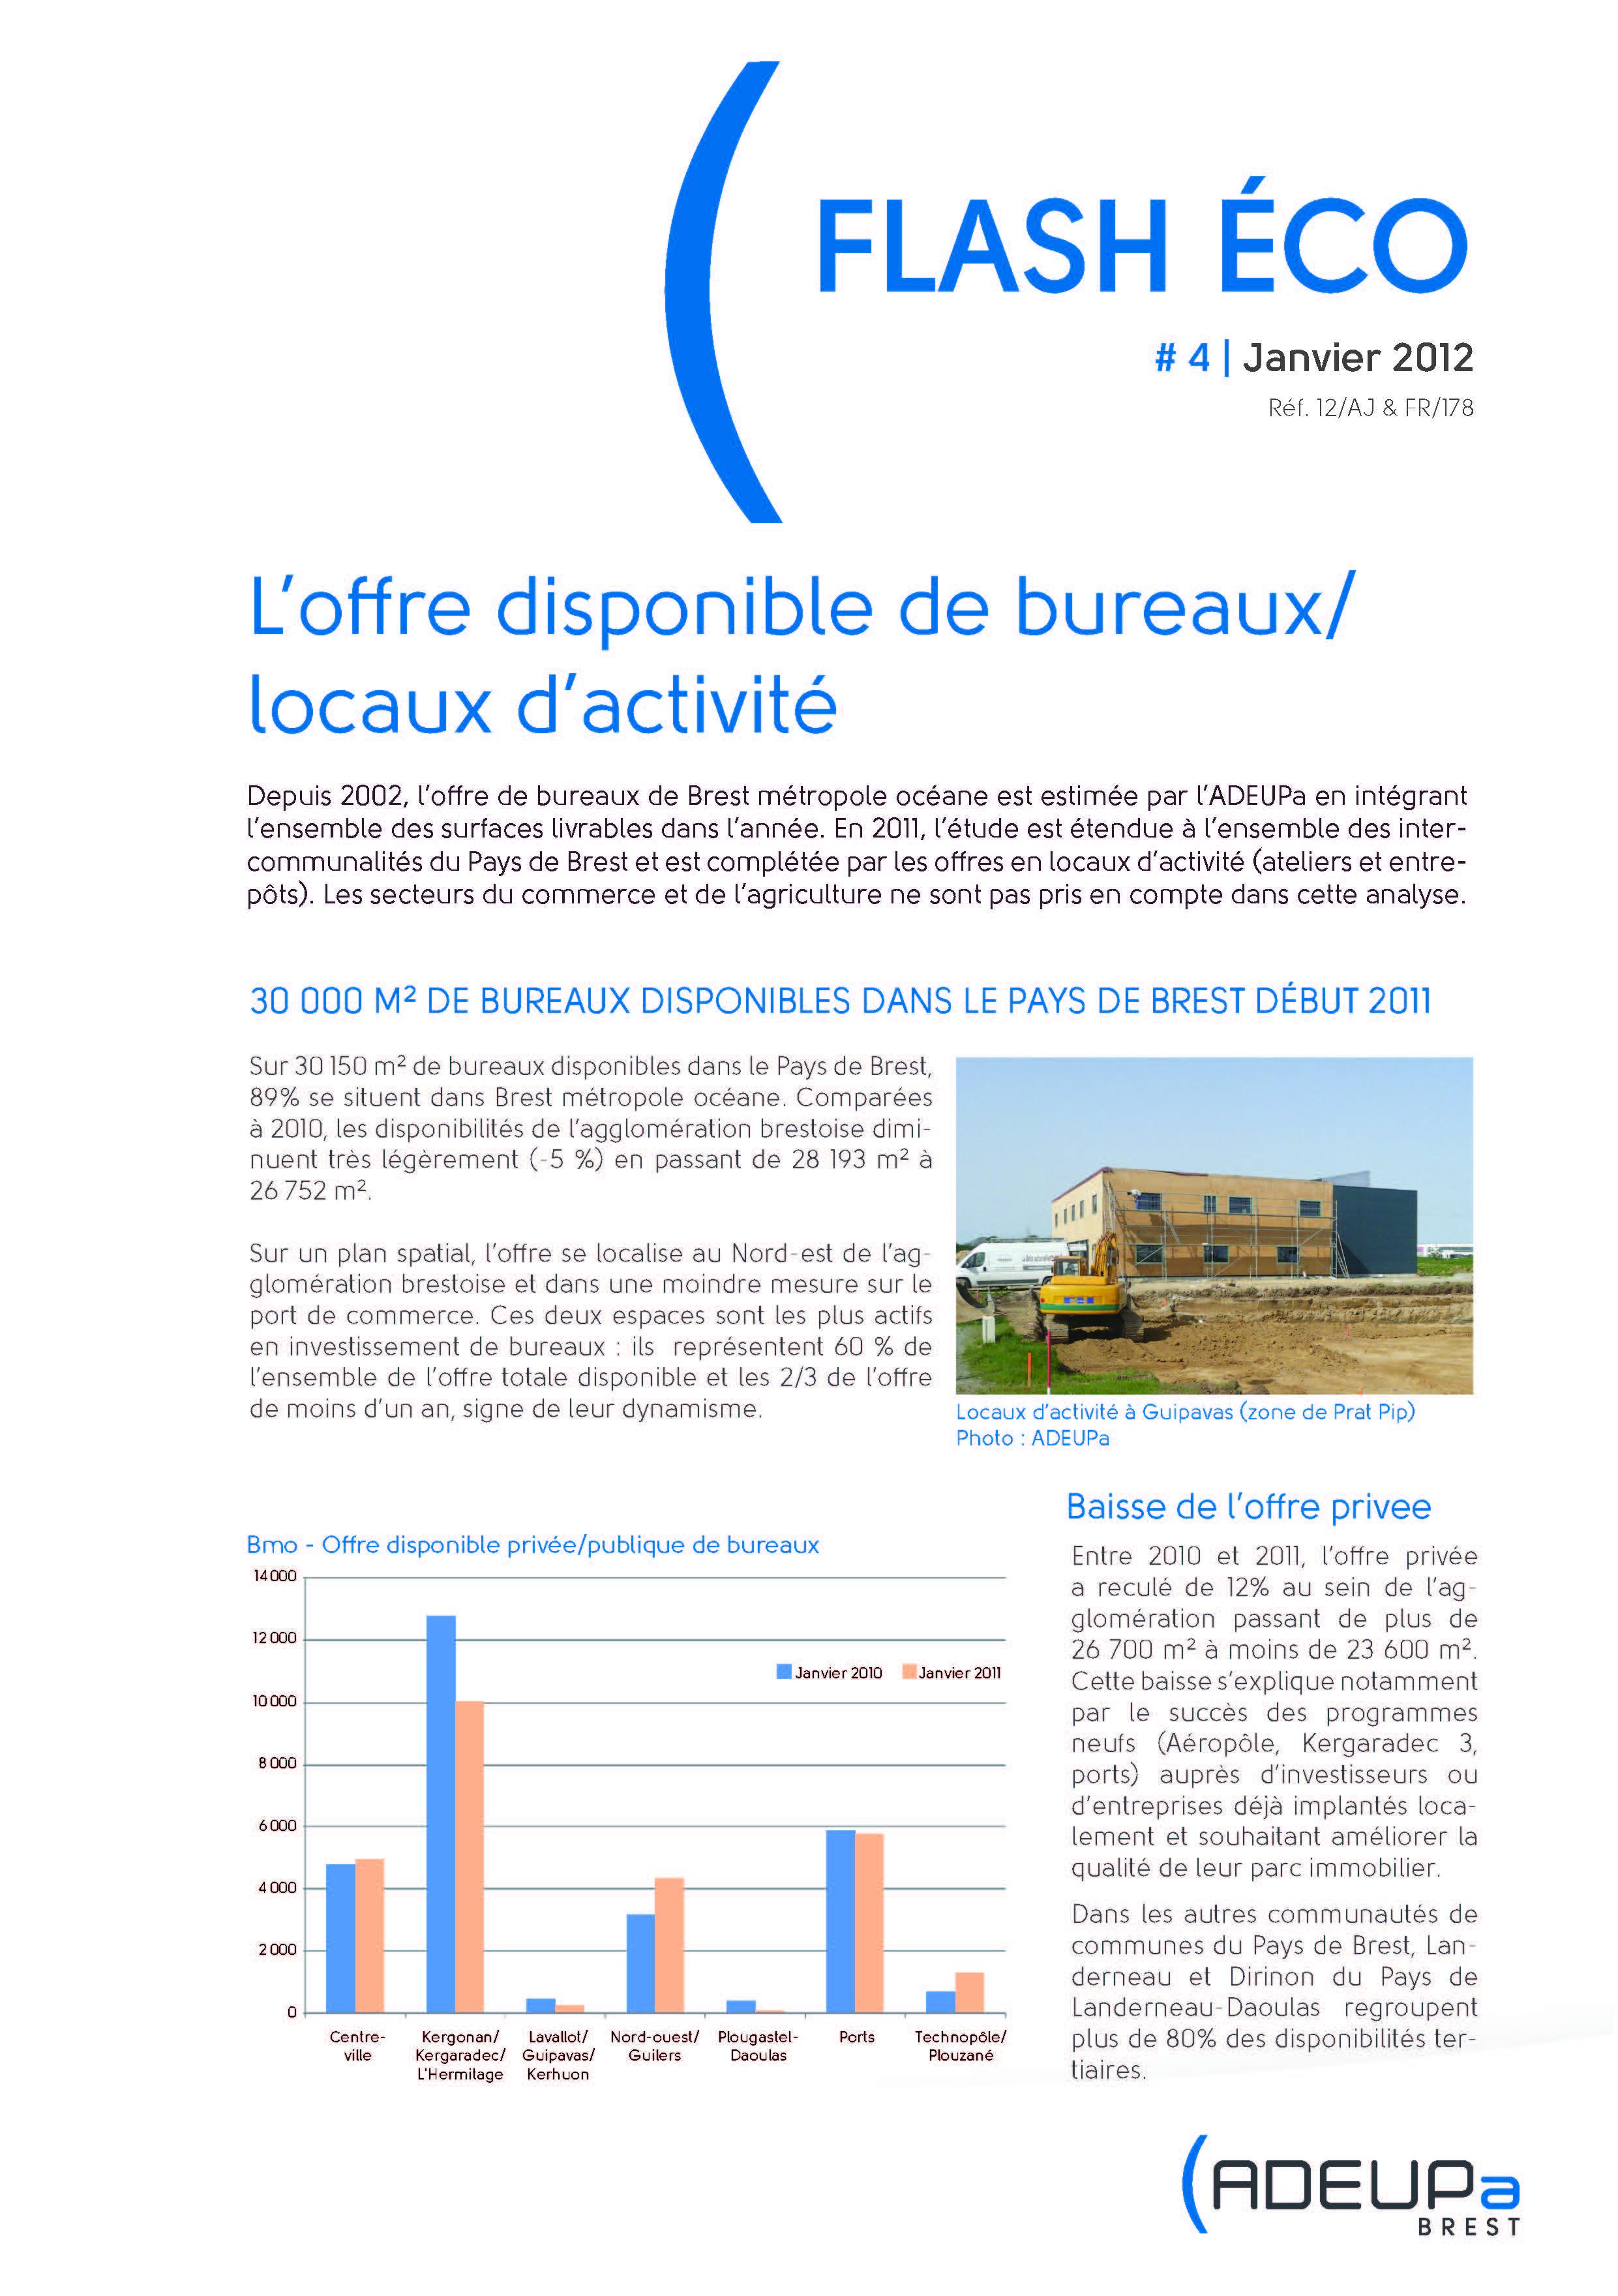 L'offre disponible de bureaux/locaux d'activité - Janvier 2012